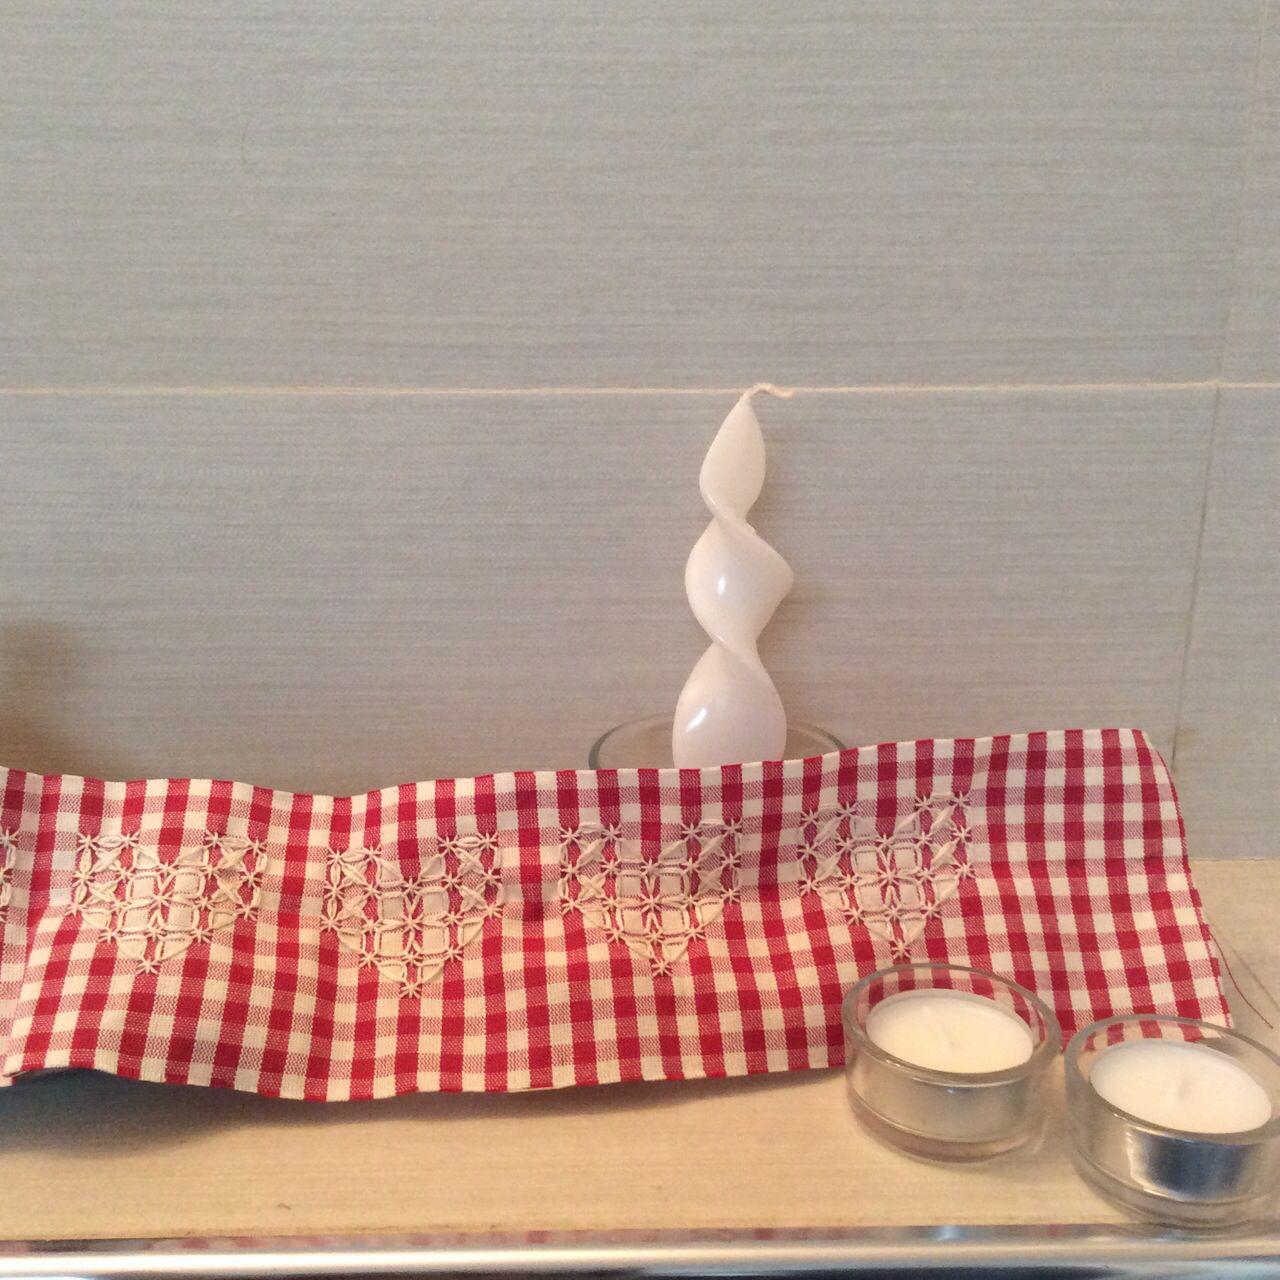 Fascia a punto svizzero ideale da applicare su canovacci ed asciugamani Dim 9x60